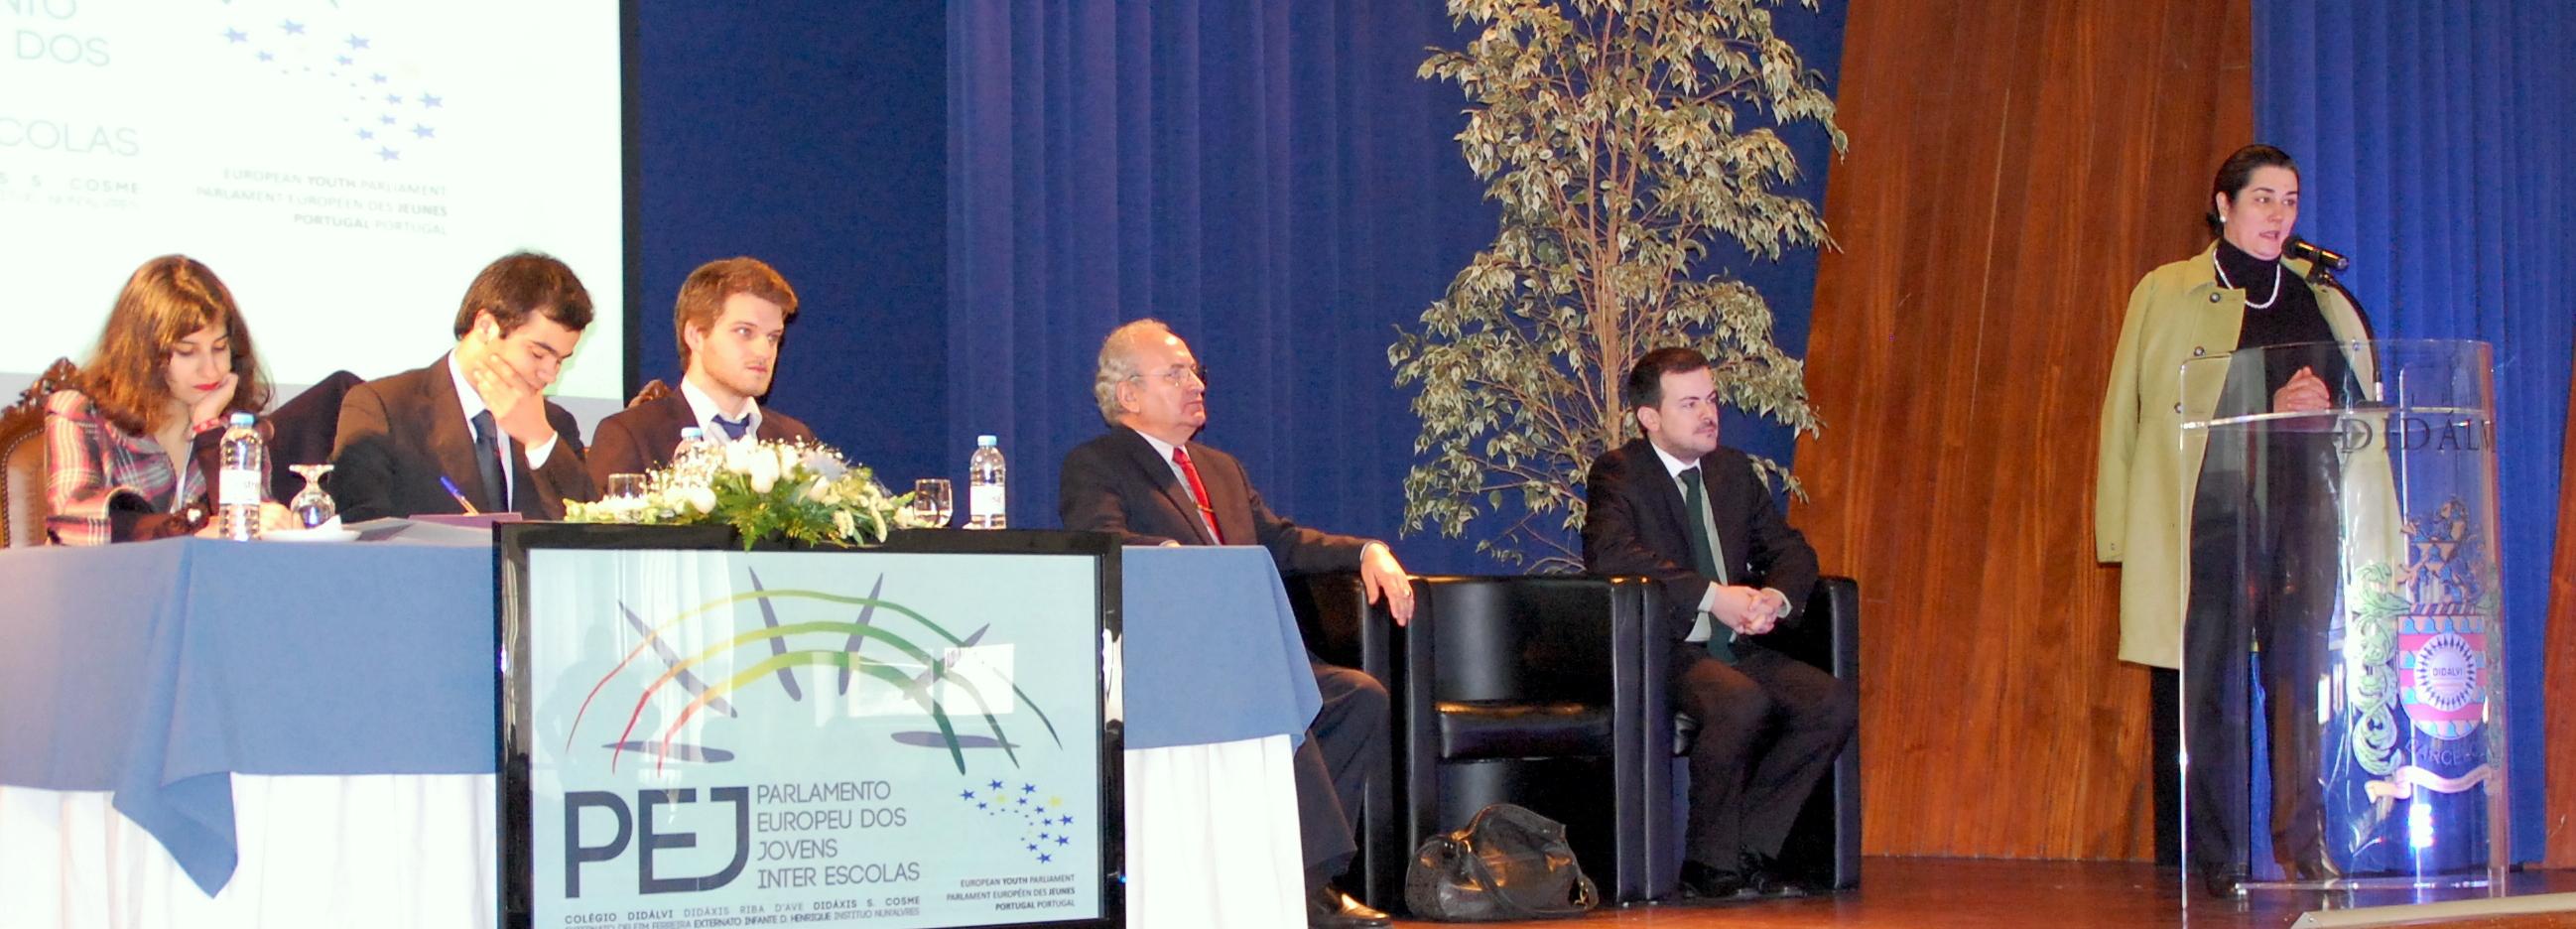 Colégio Didálvi recebeu sessão do Parlamento Europeu dos Jovens